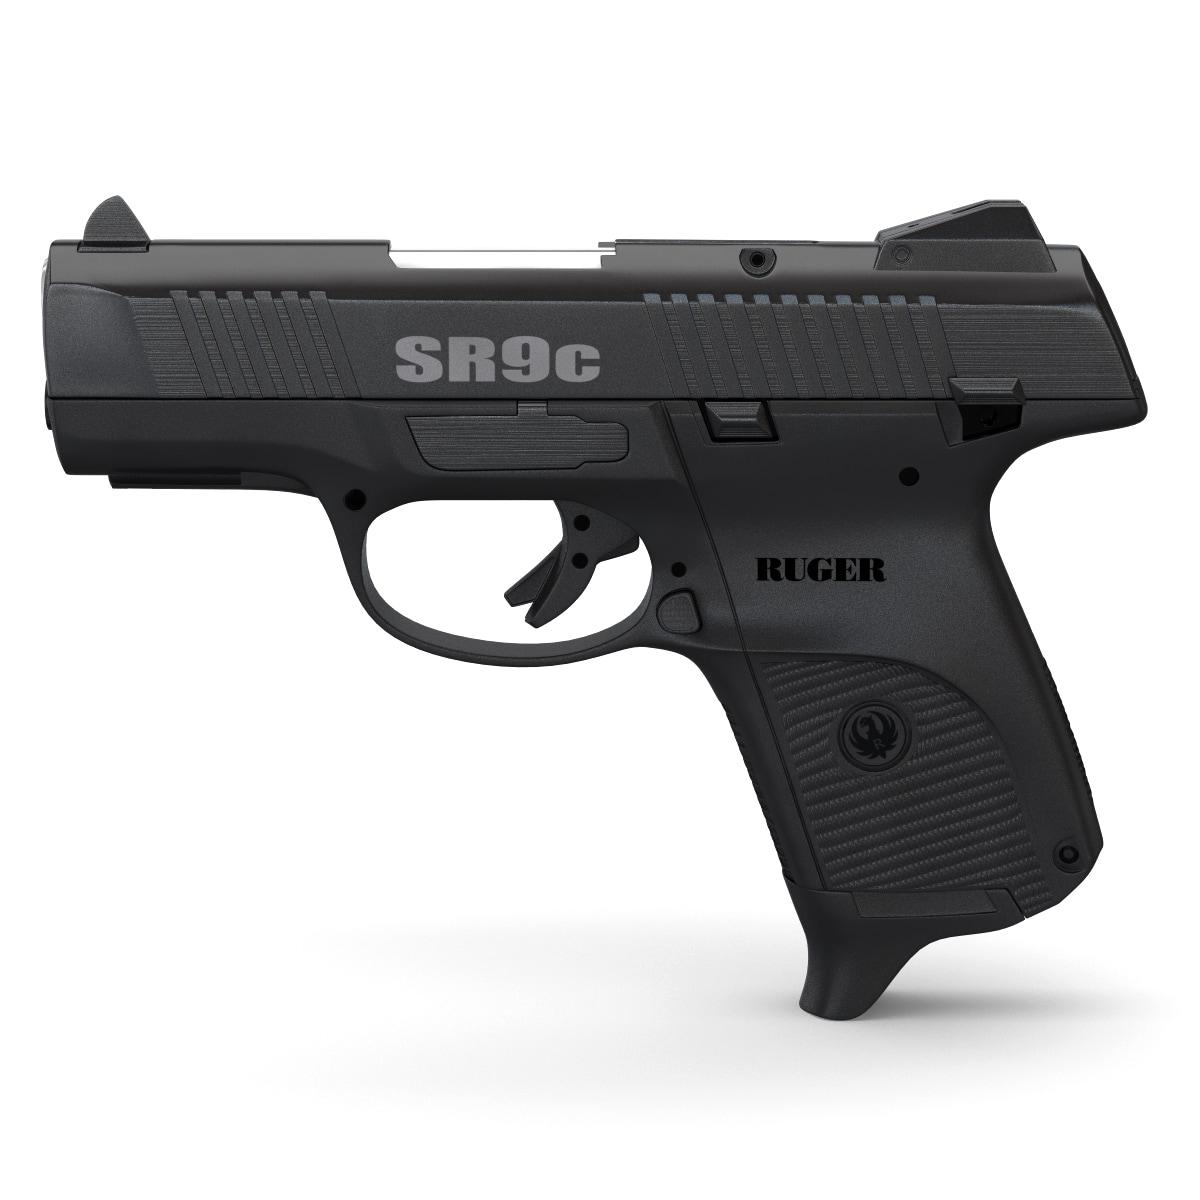 Compact_Pistol_Ruger_SR9c_001.jpg